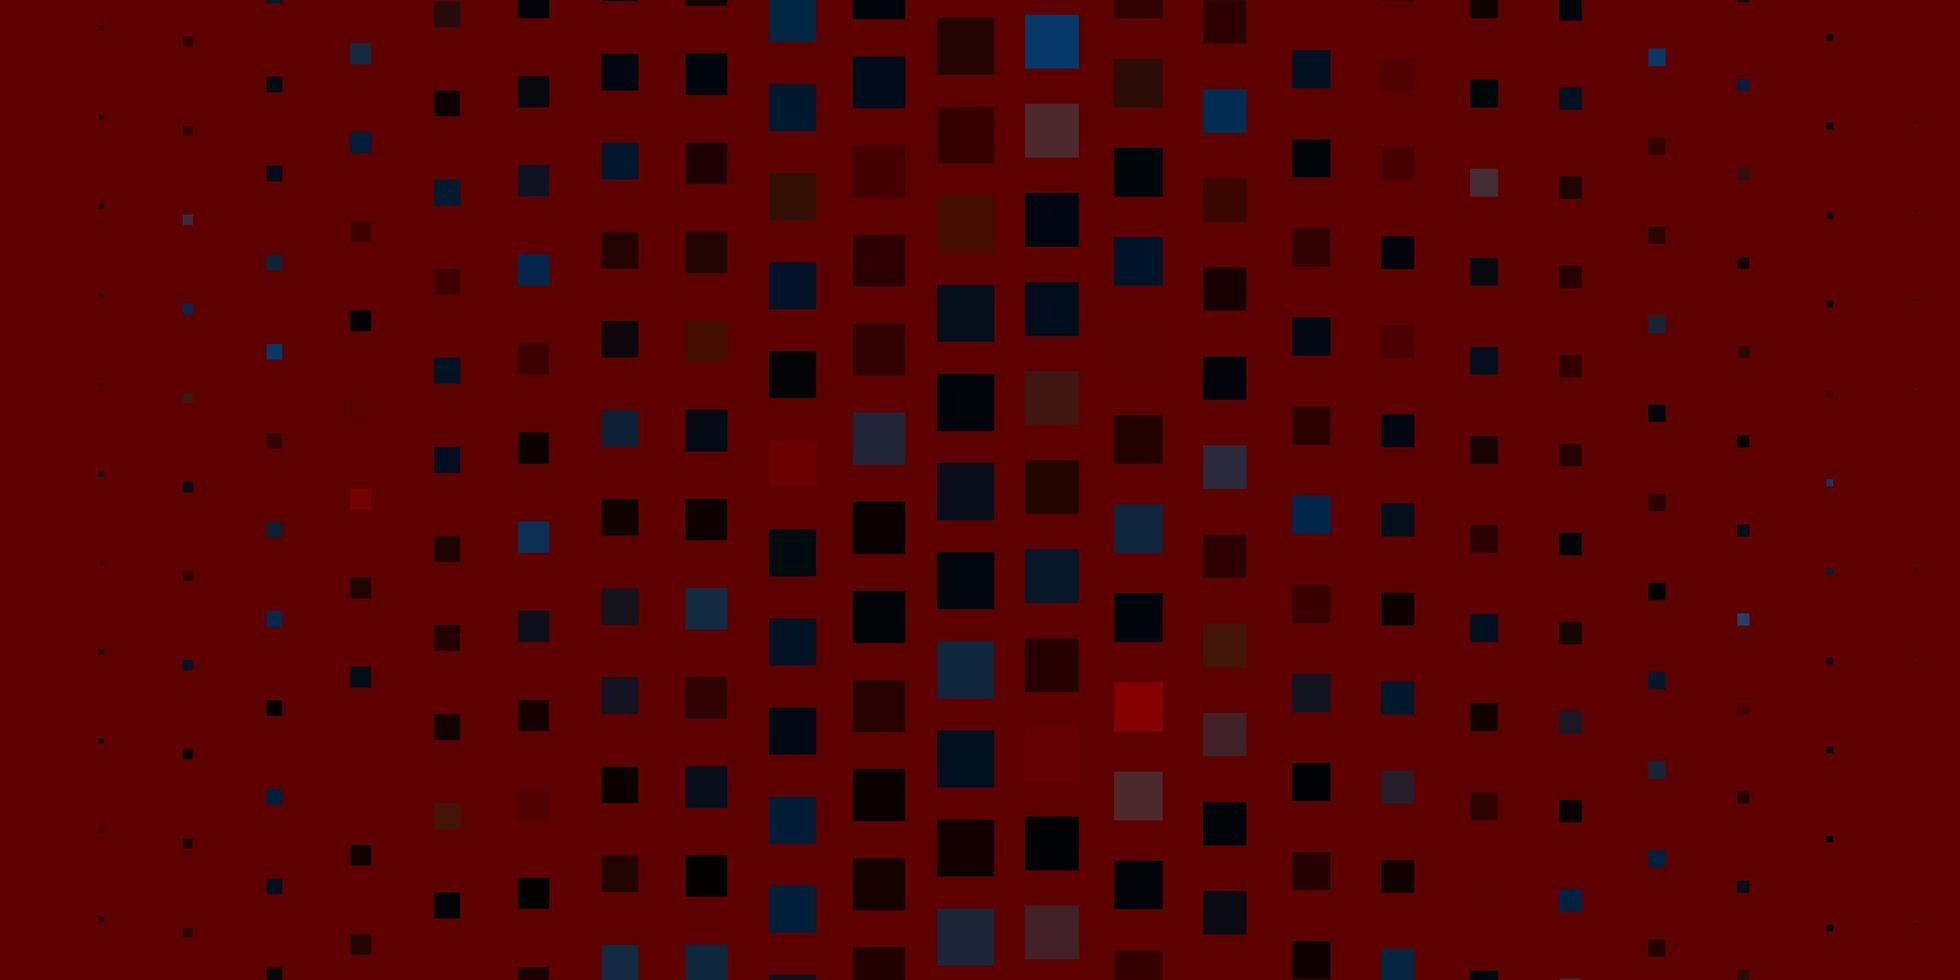 roter Hintergrund mit Rechtecken. vektor